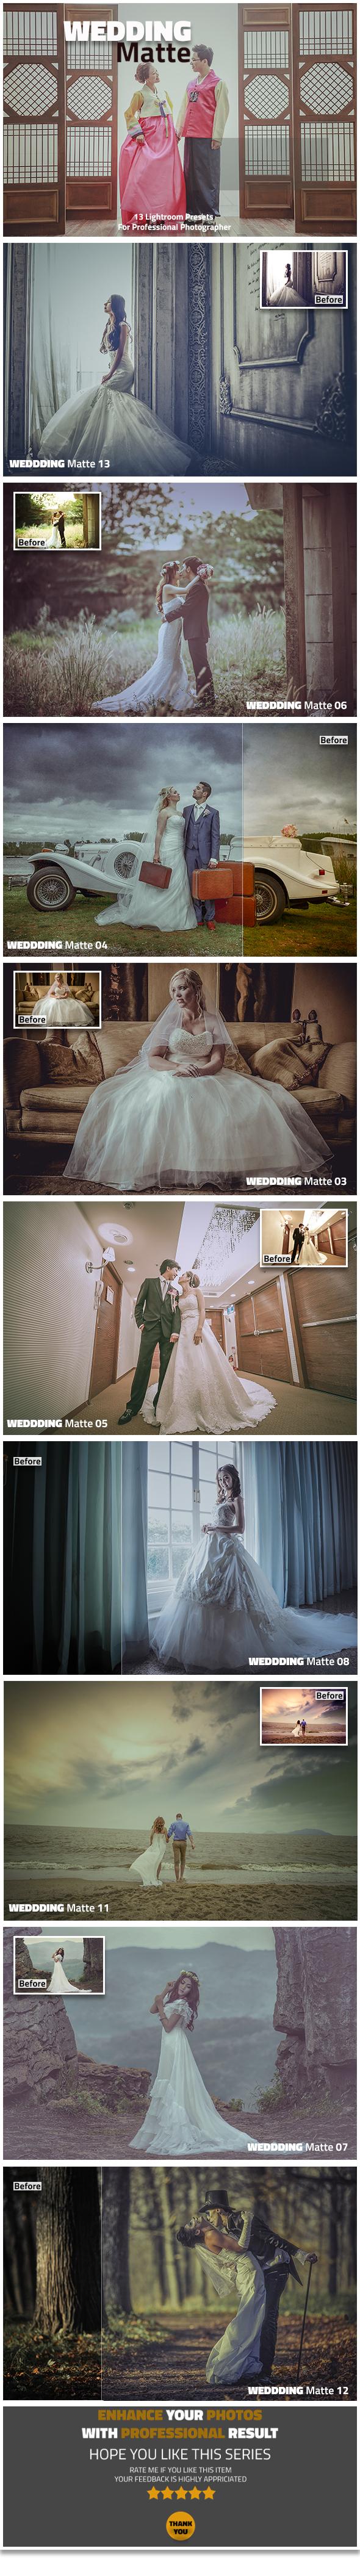 13 Wedding Matte Lightroom Presets - Lightroom Presets Add-ons